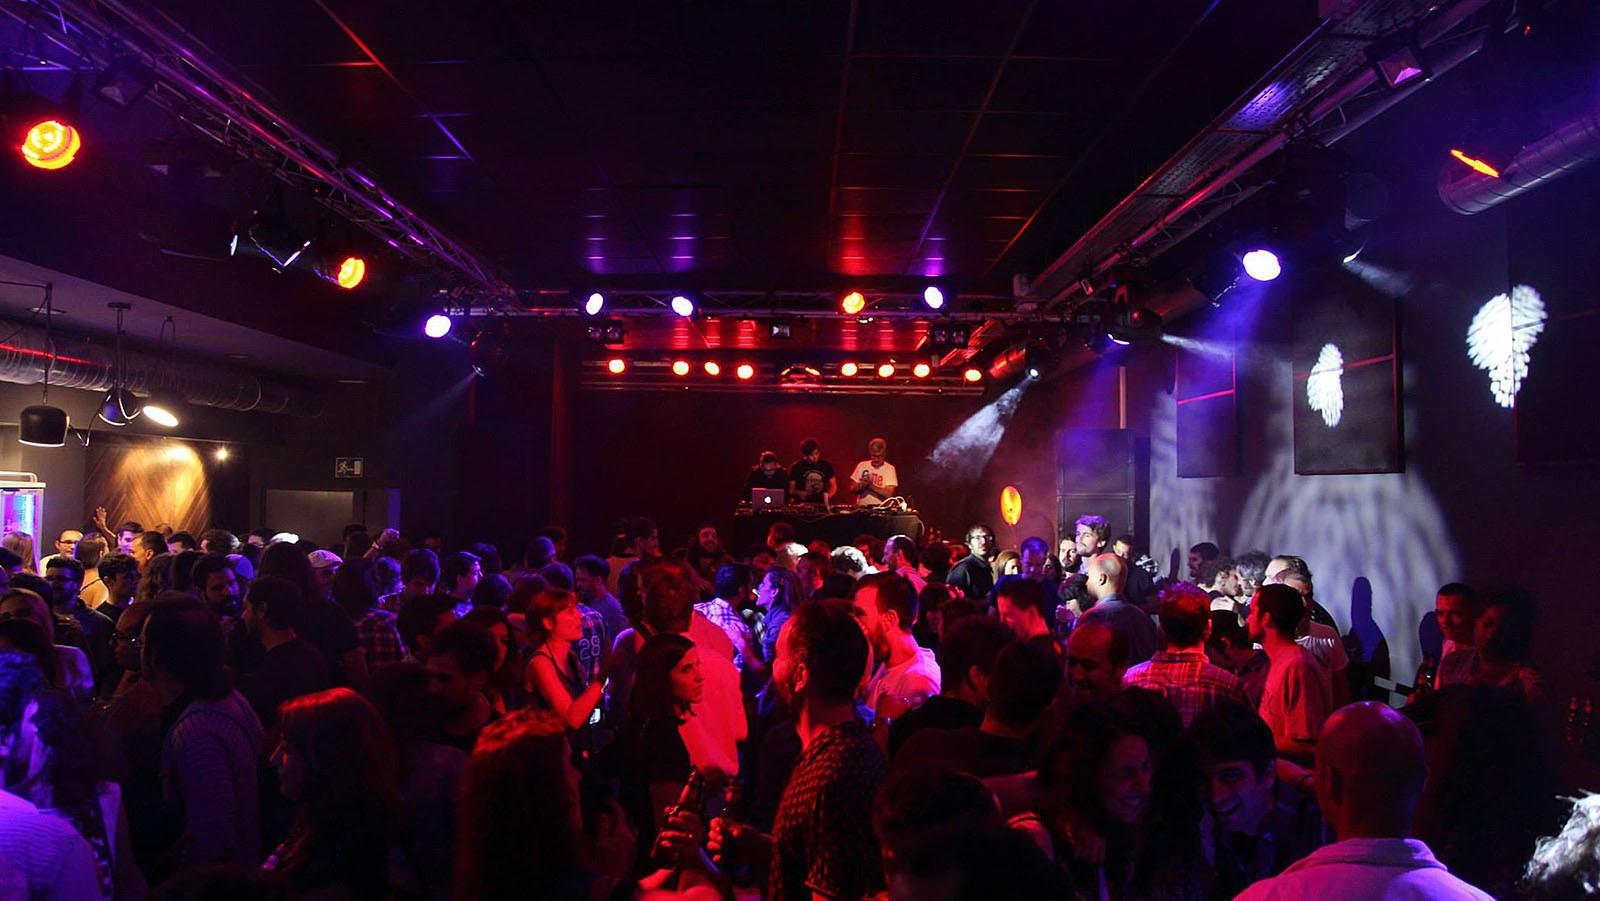 Sala x de sevilla conciertos y entradas for Sala x murcia